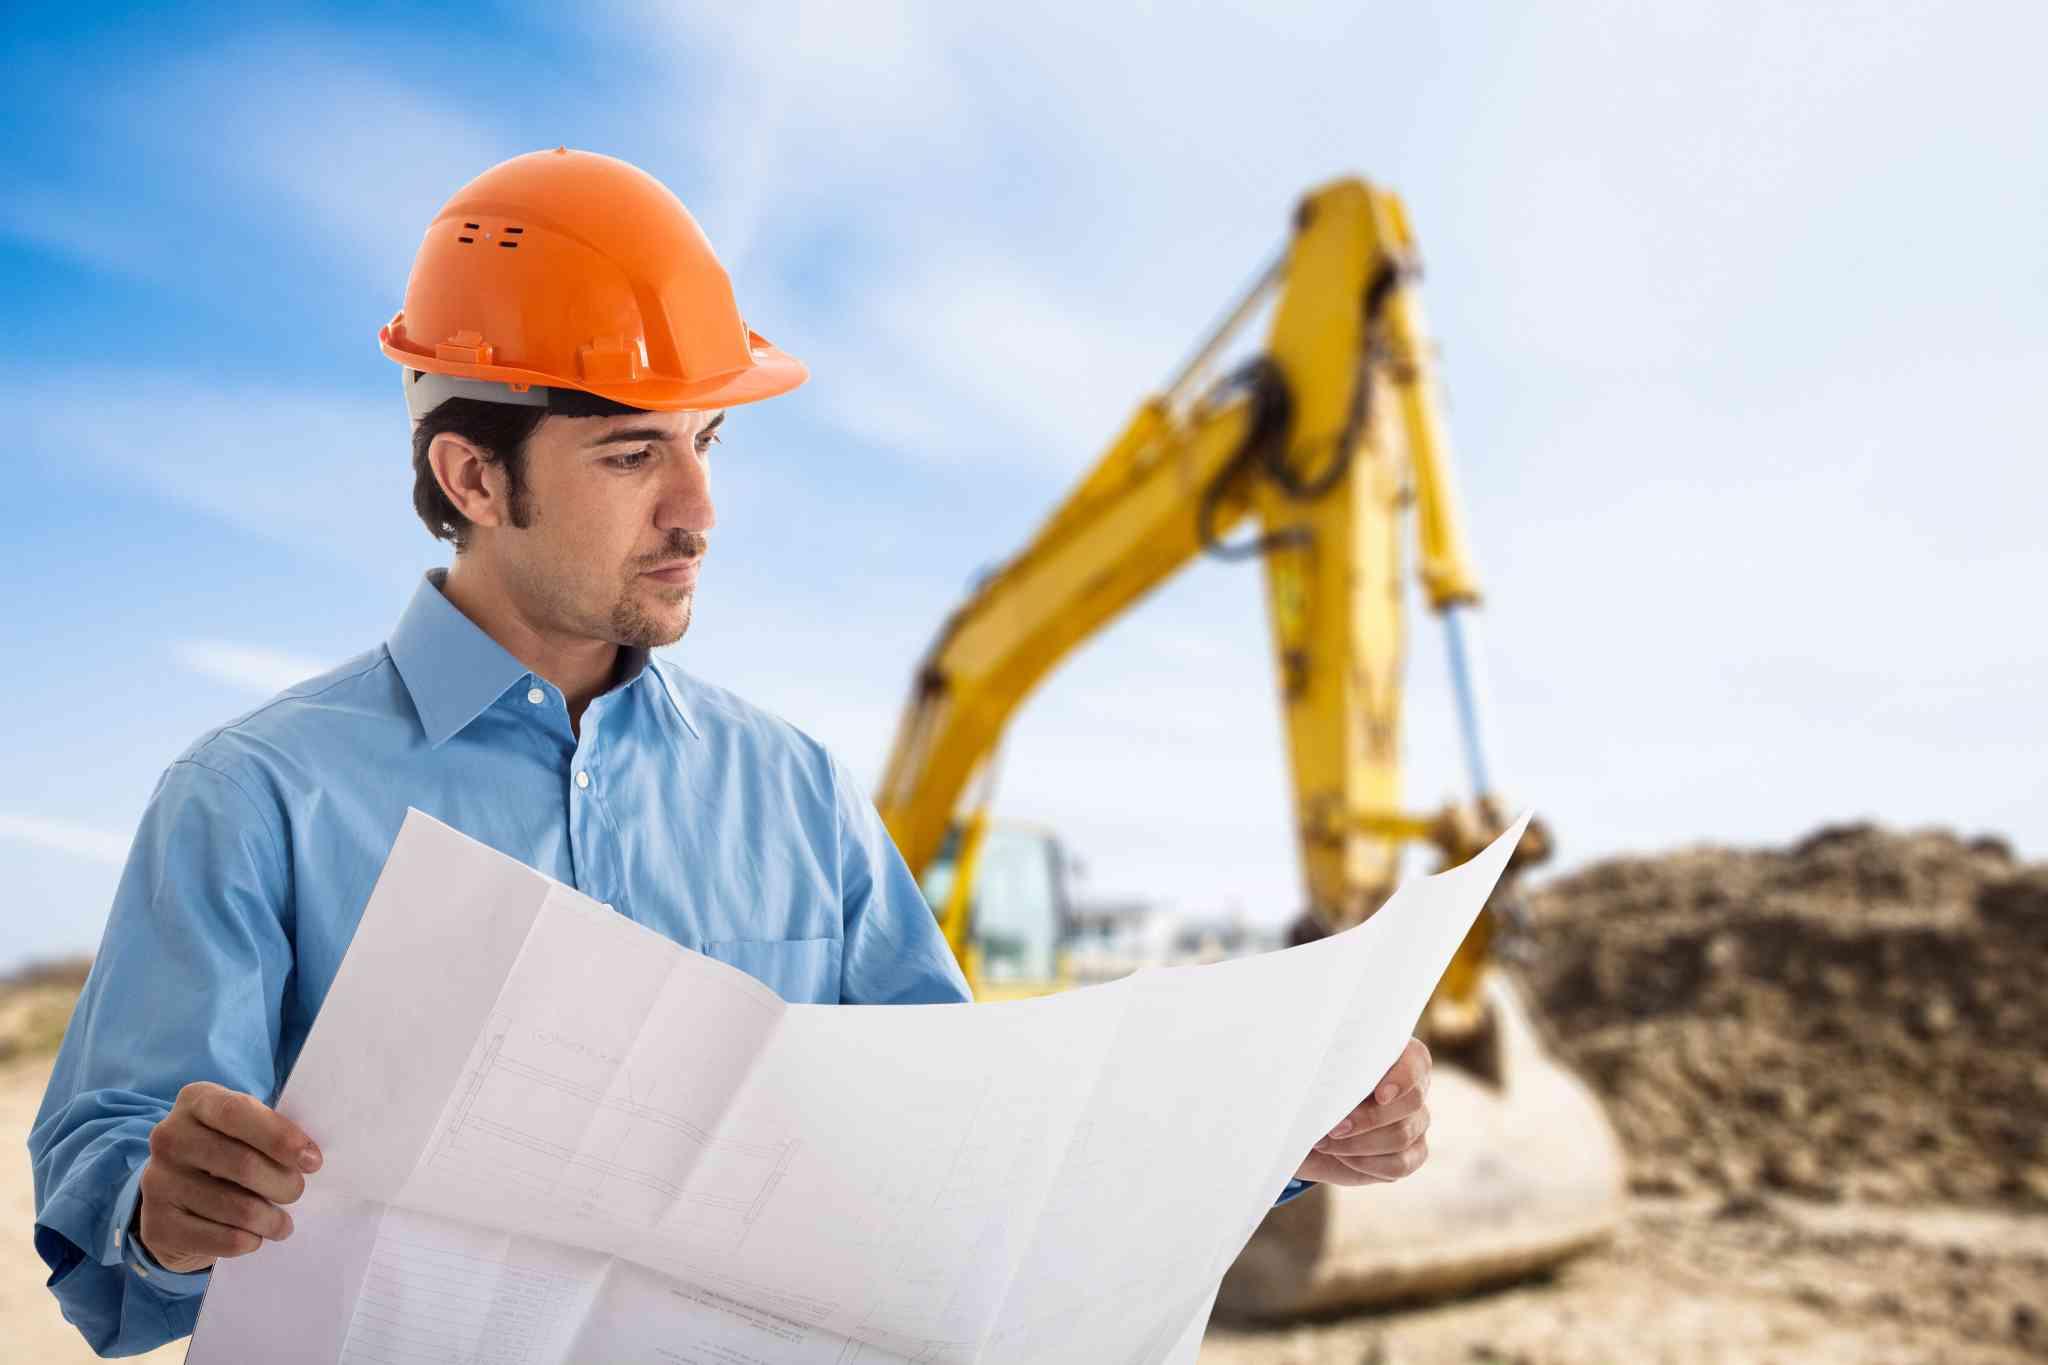 Quanto custa um curso de engenharia civil